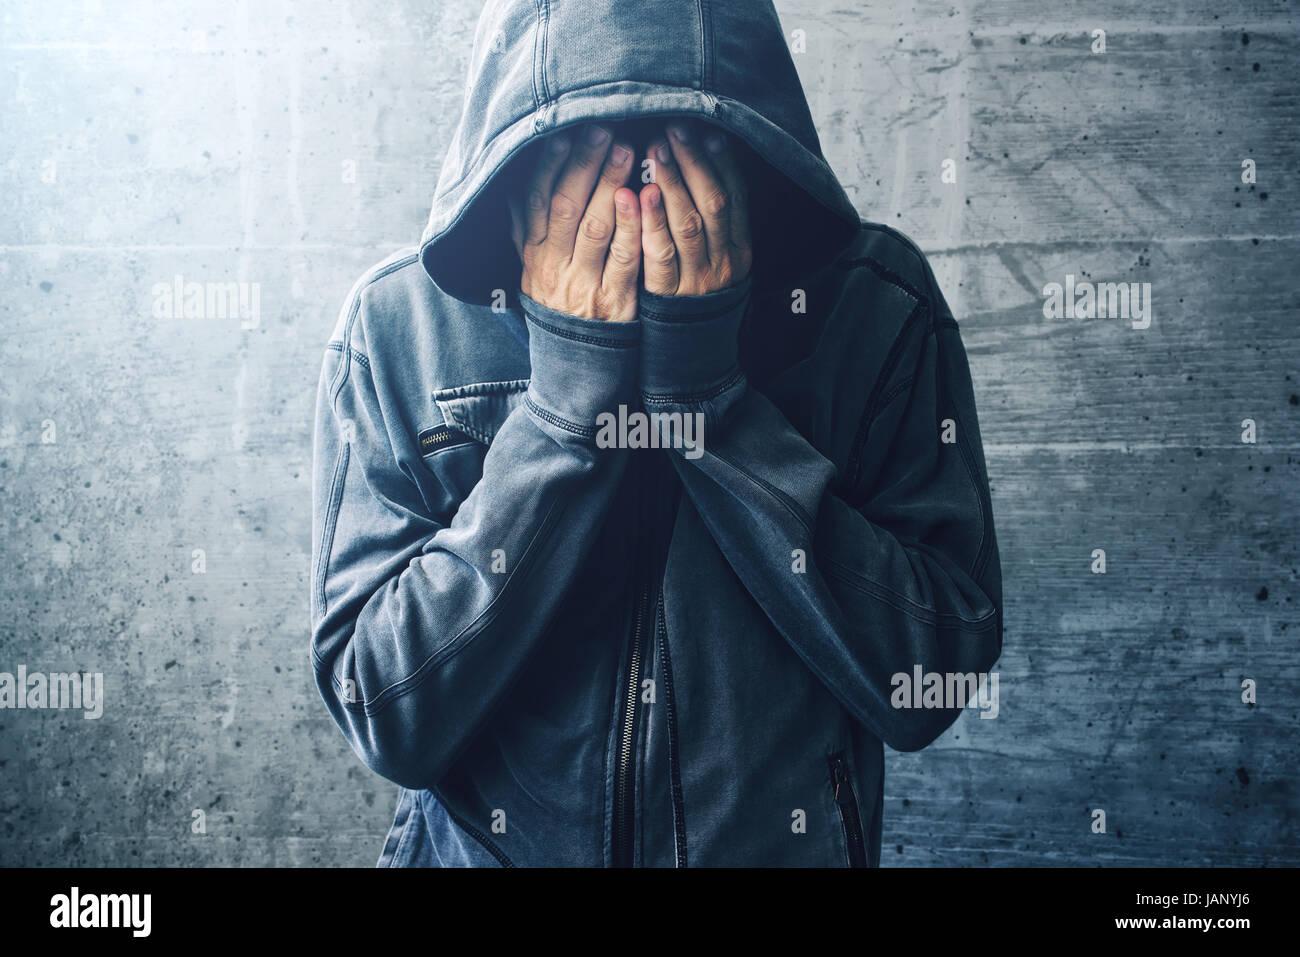 Hoffnungslos Drogenabhängiger durch sucht Krise, Porträt eines jungen Erwachsenen Menschen mit Substanz Stockbild